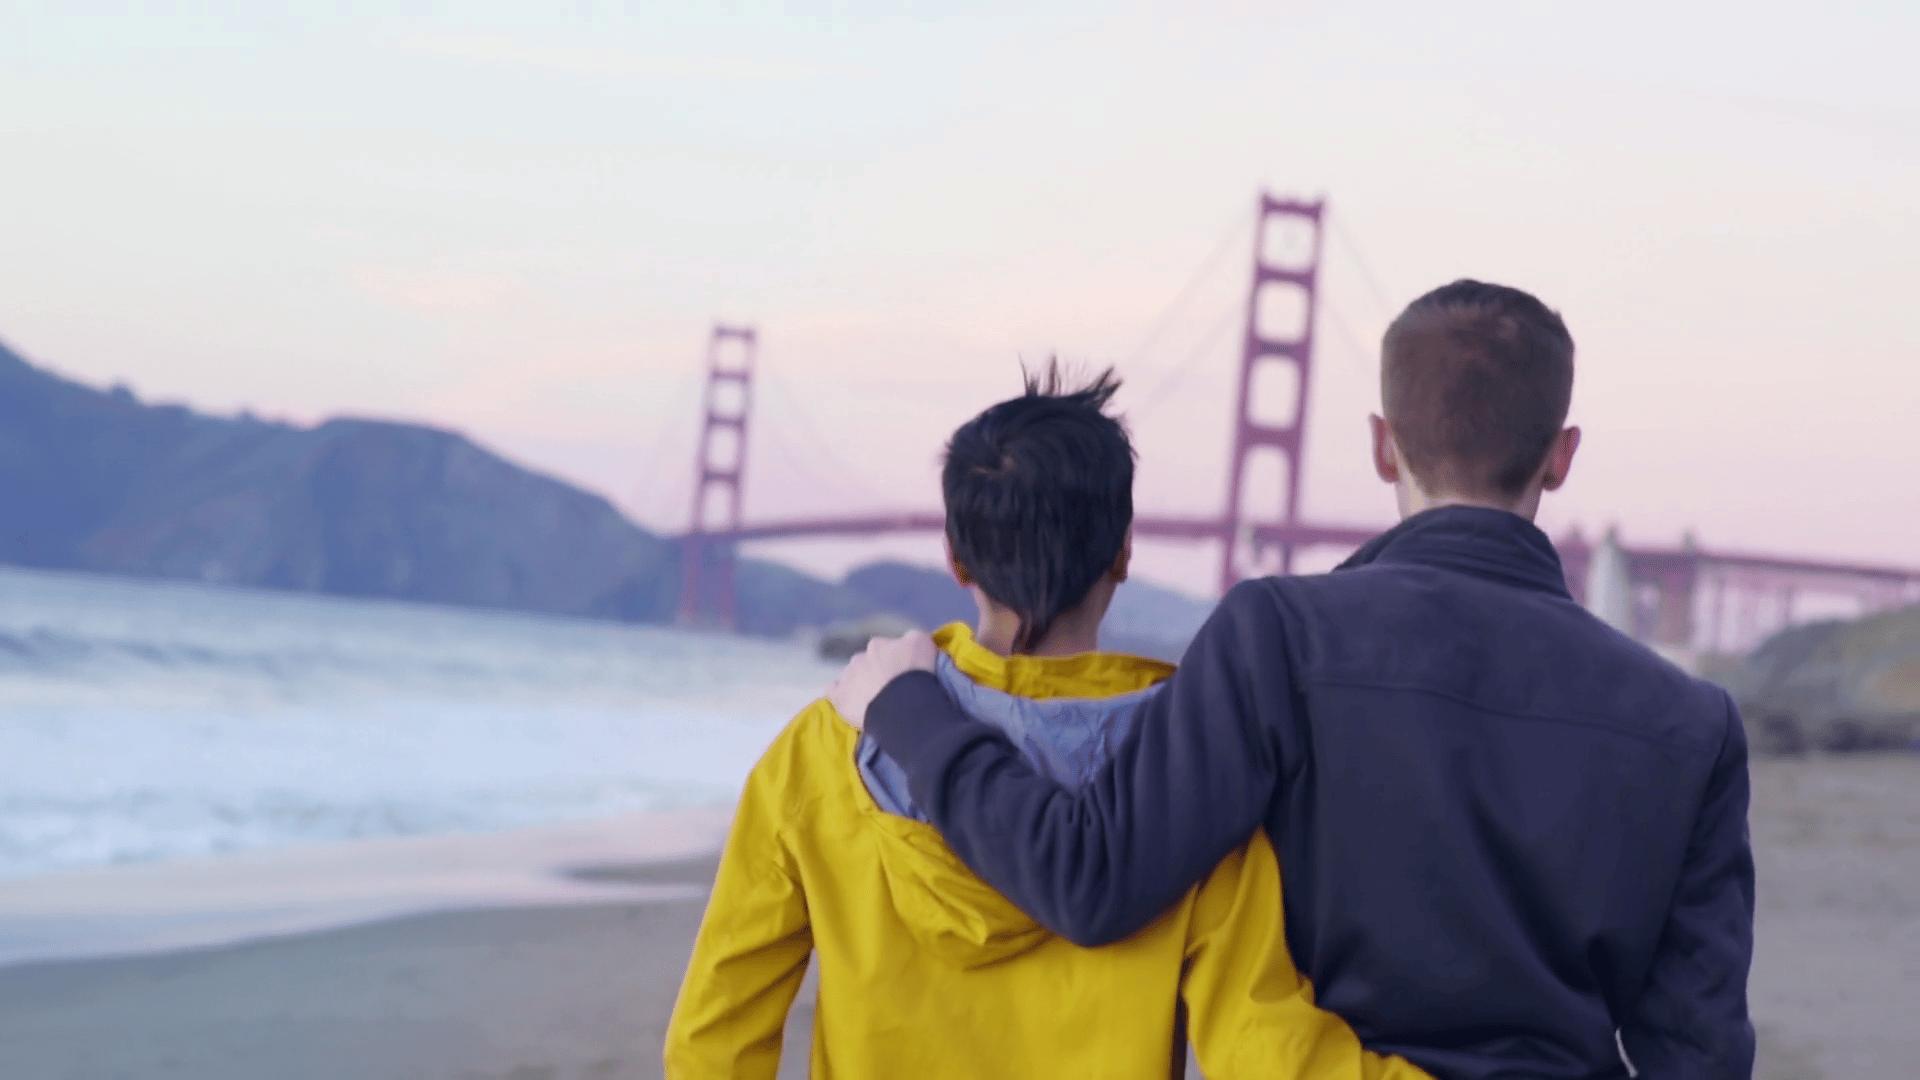 Faire une rencontre homosexuel sérieuse : 4 techniques